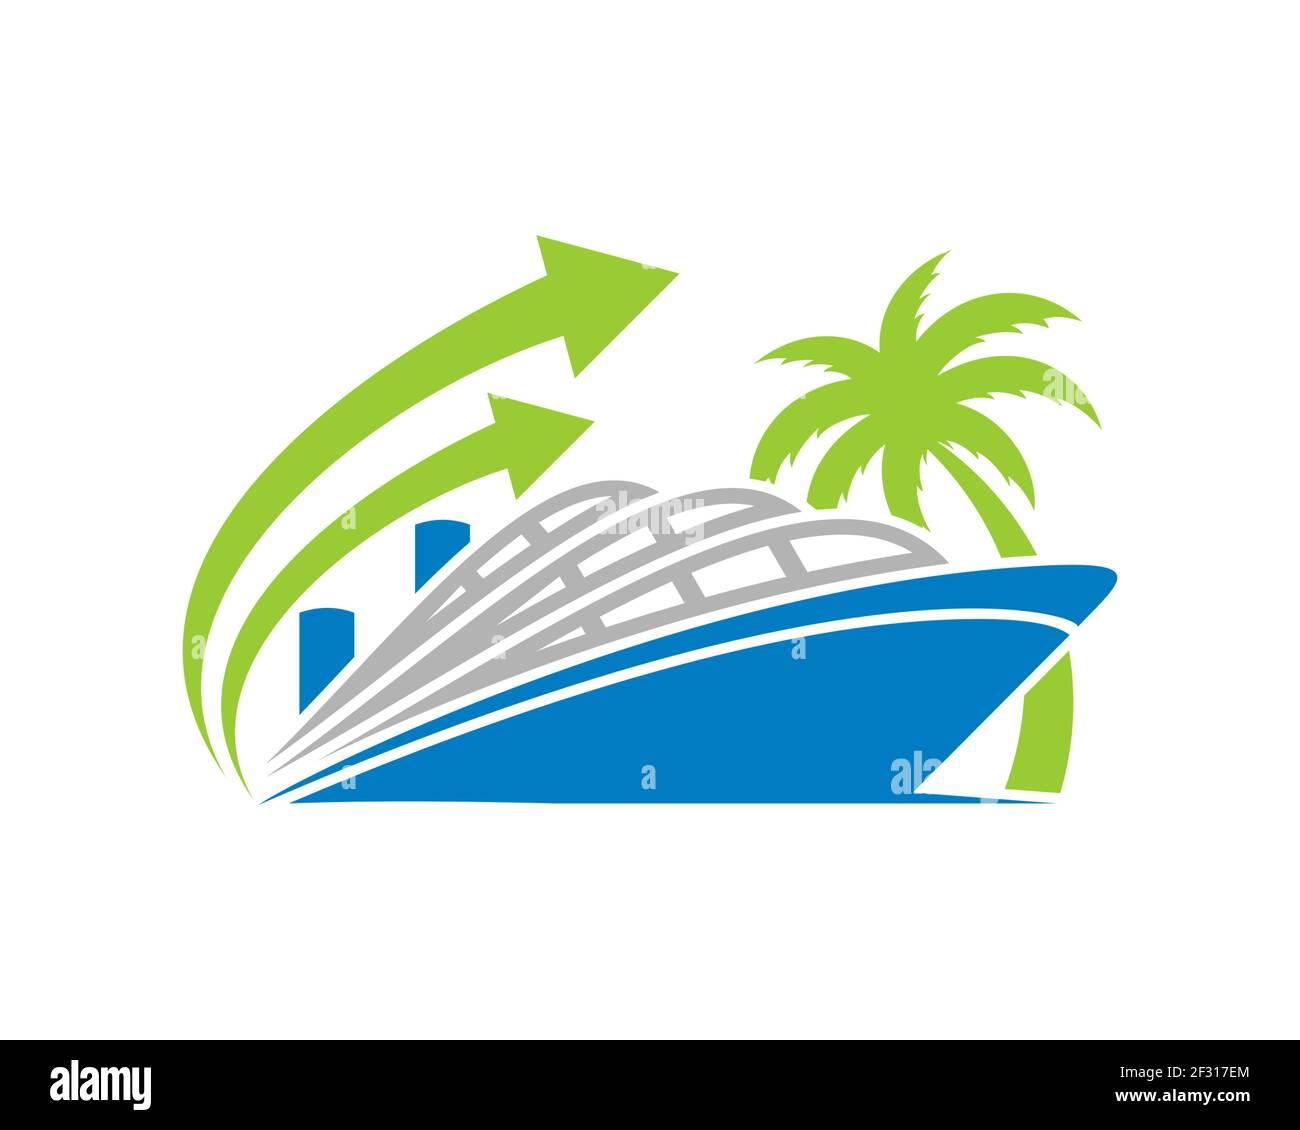 Crucero con dirección de flecha de lugar de desplazamiento Foto de stock